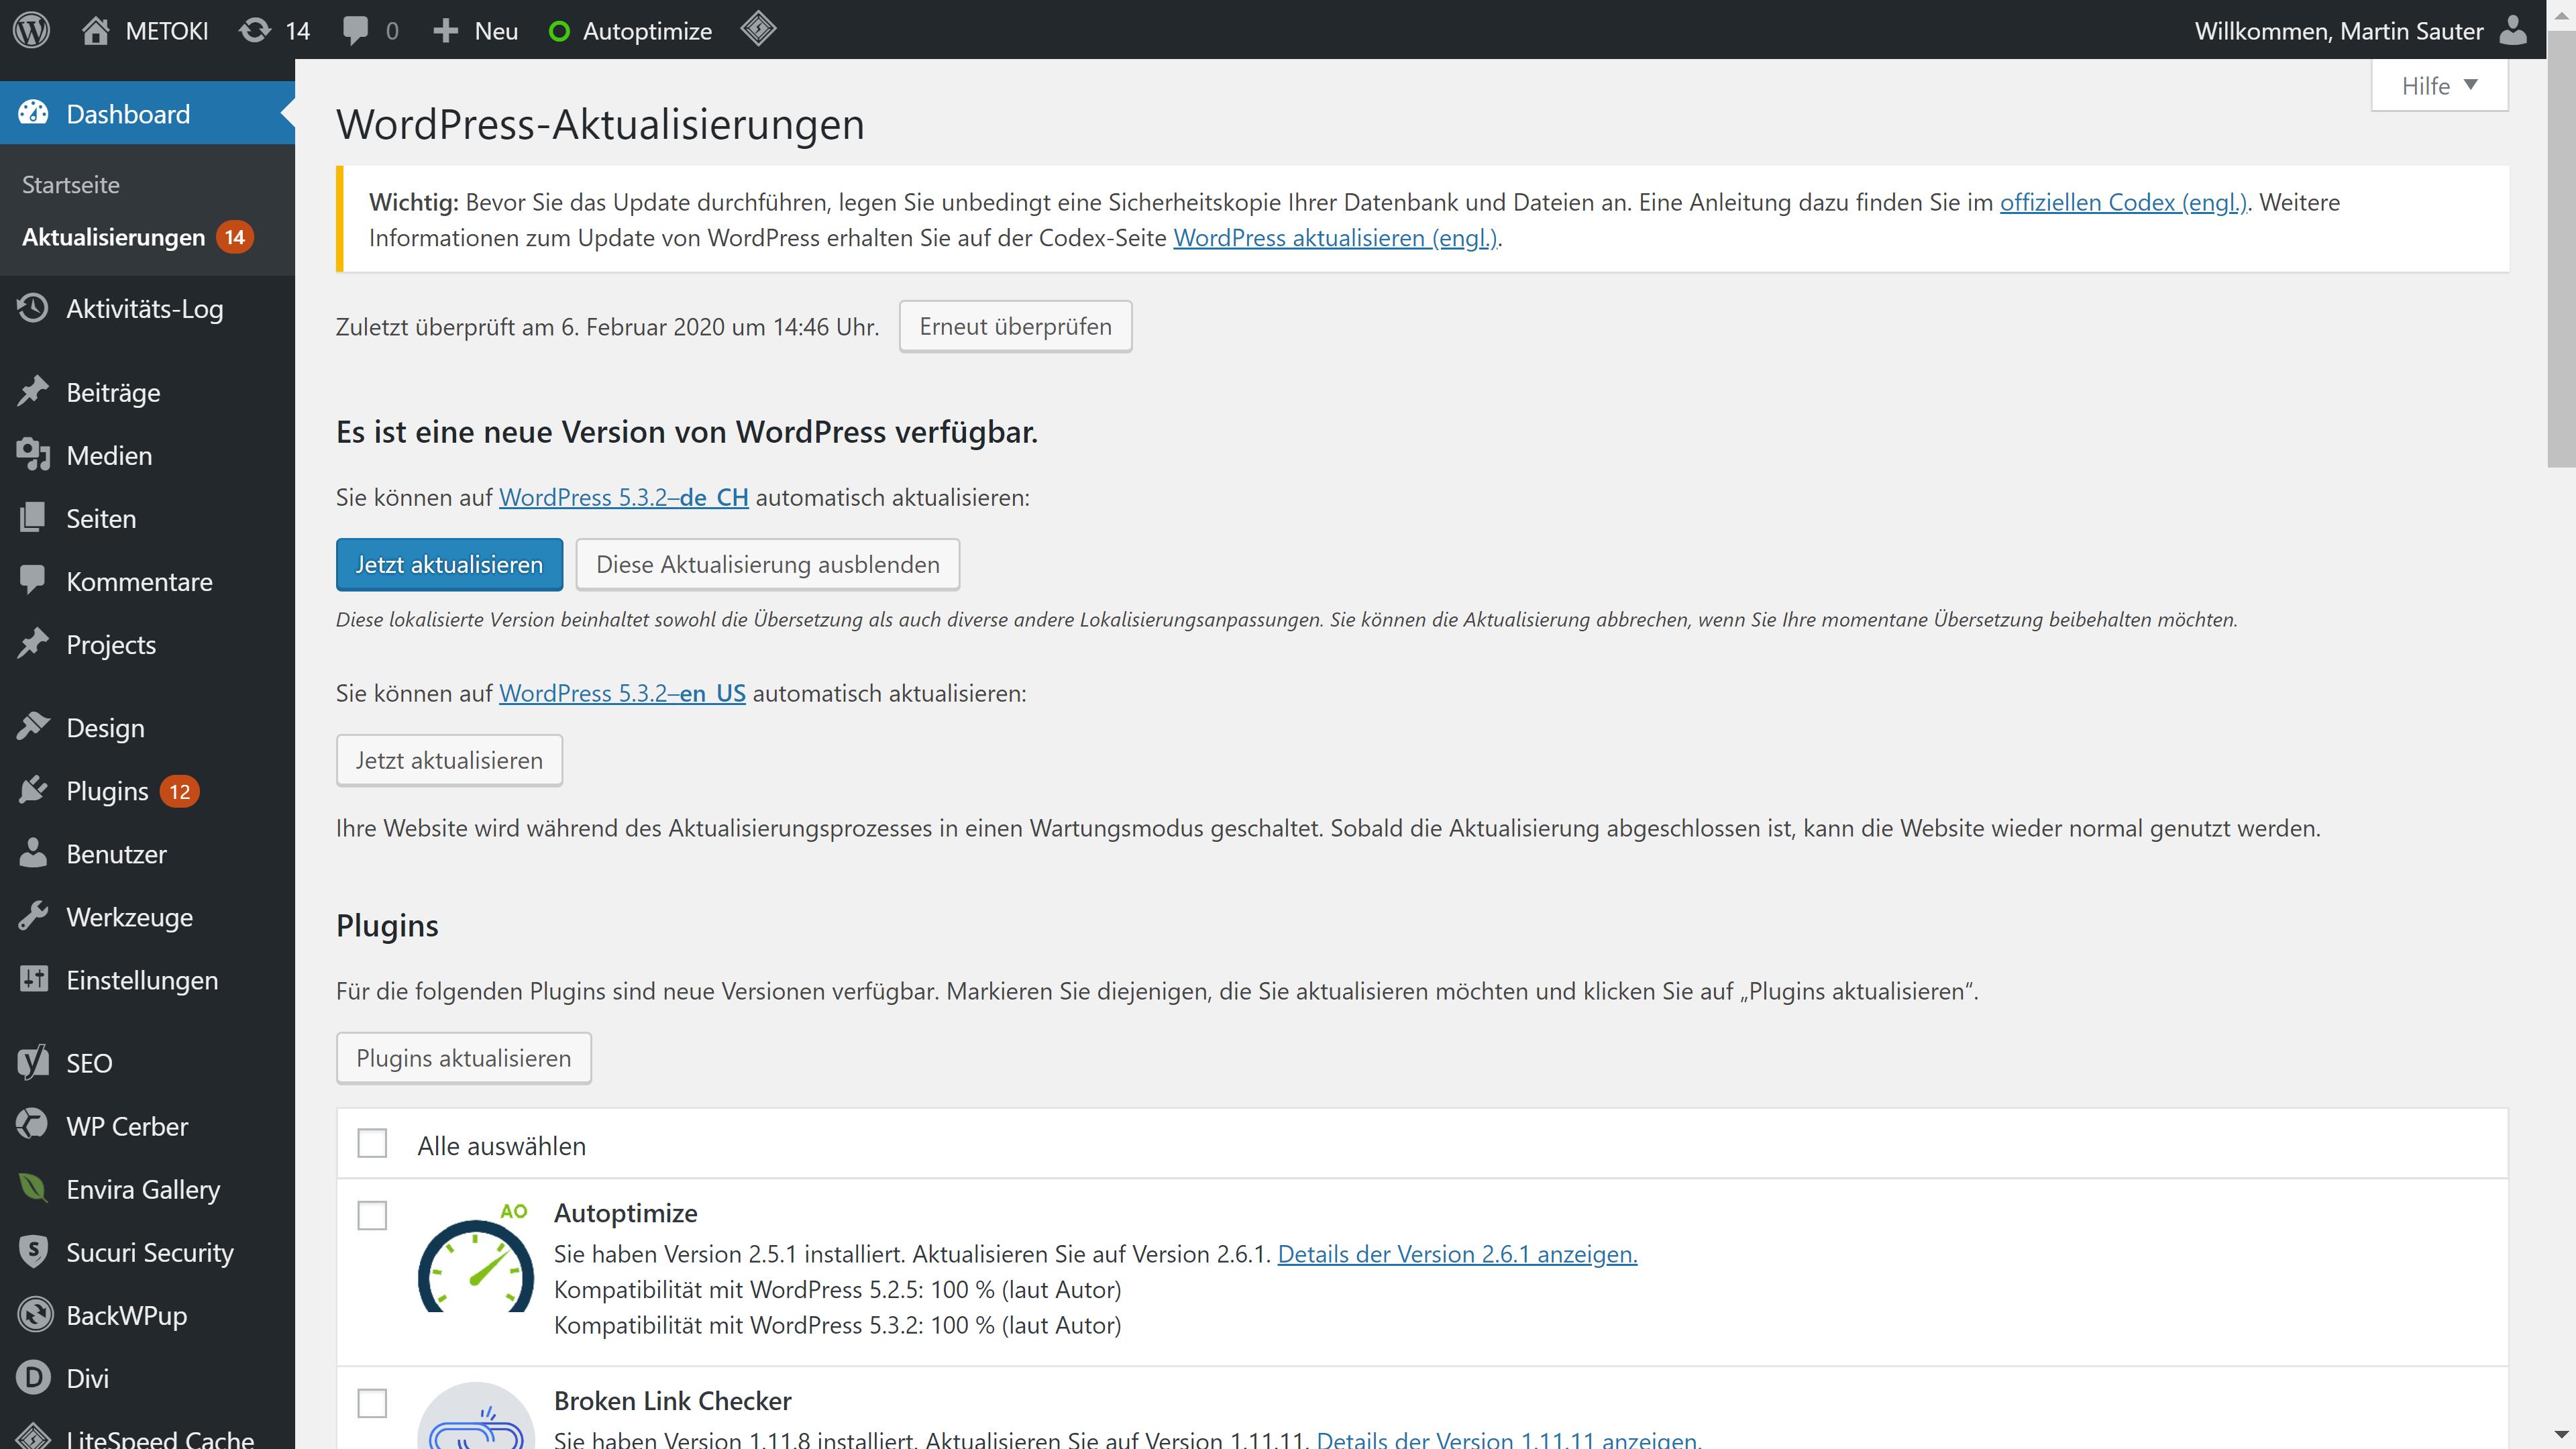 Liste der ausstehenden Aktualisierungen im WordPress Backend